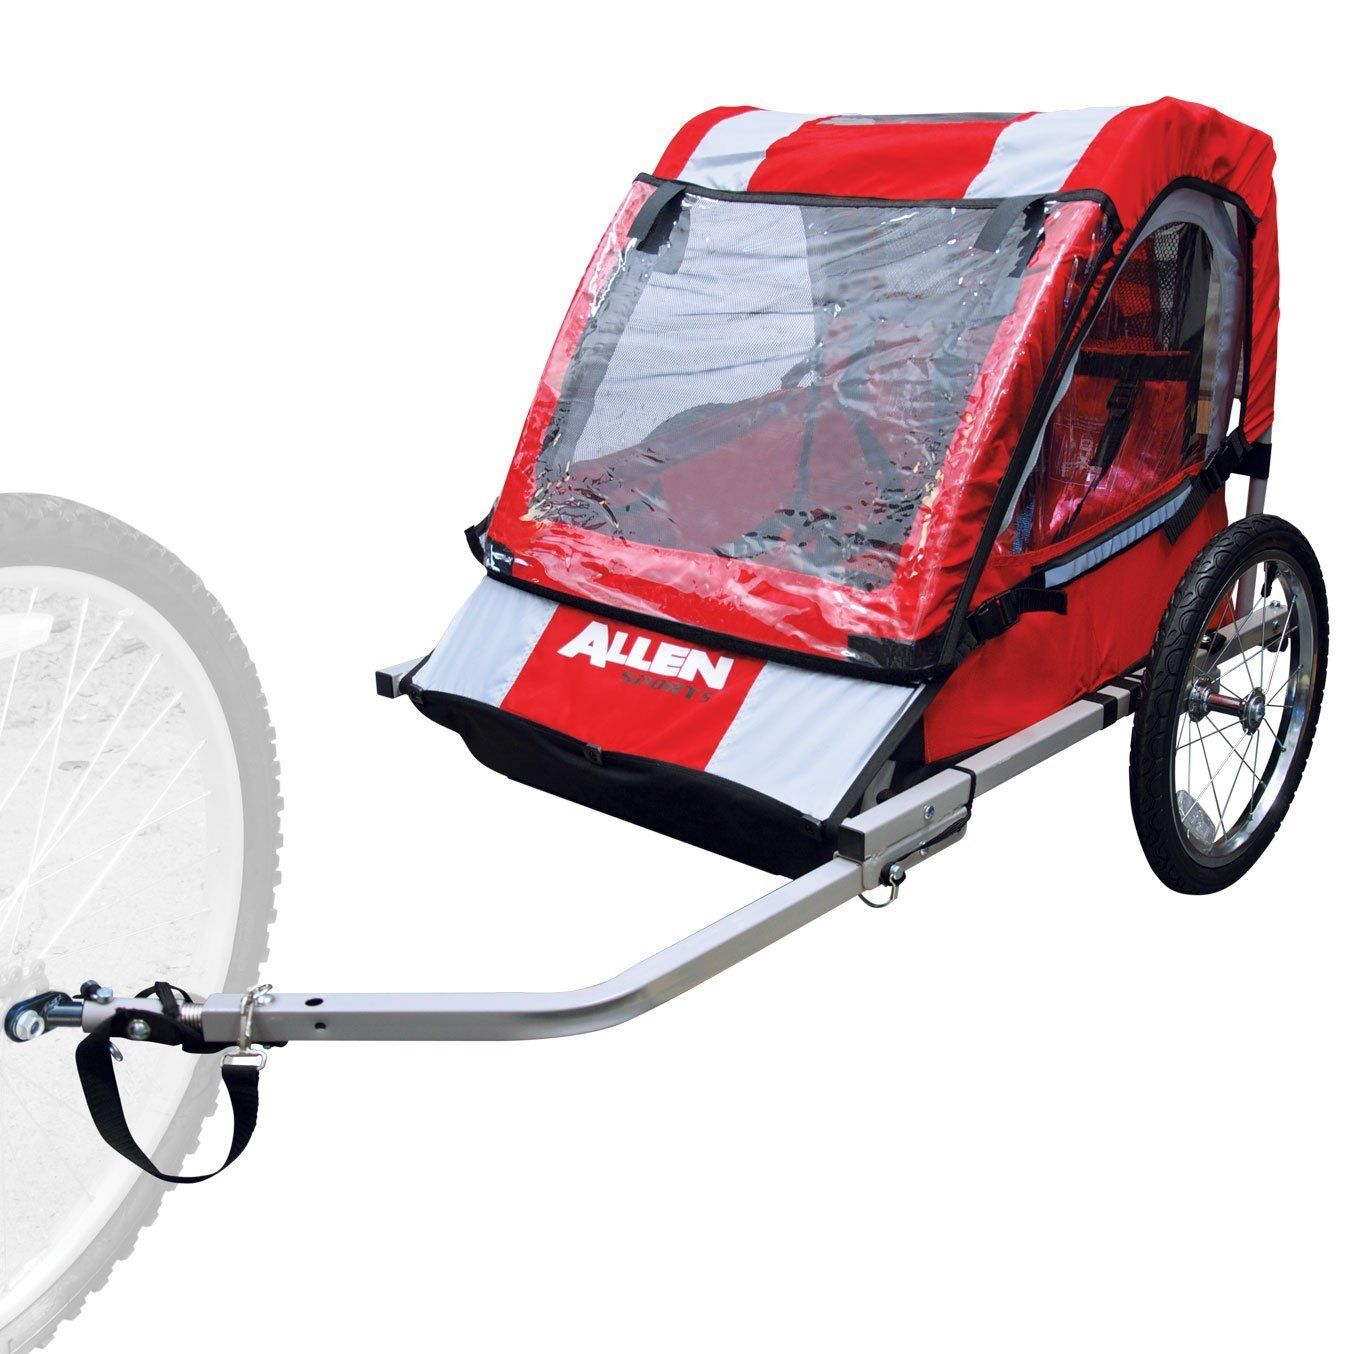 Allen Sports 2 Child Steel Trailer Baby Bike Trailer Child